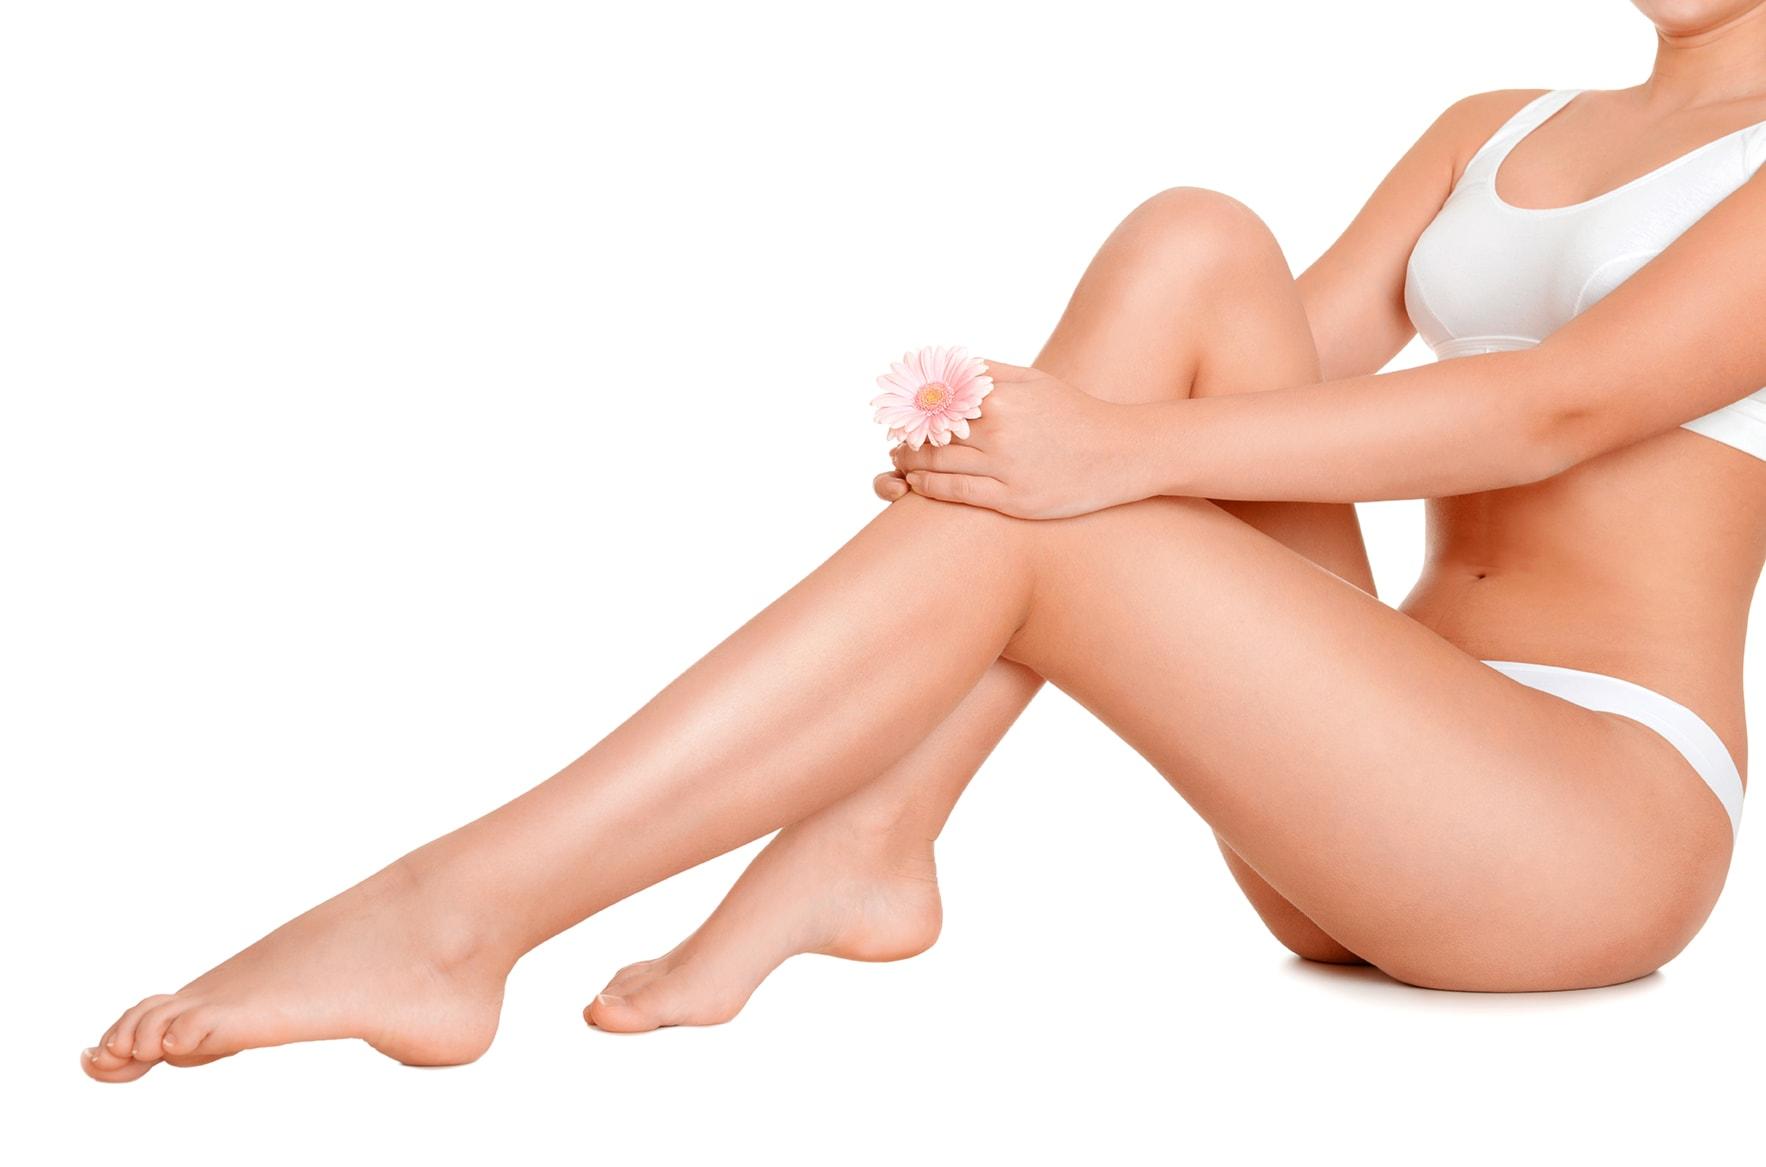 Ceretta gambe & inguine